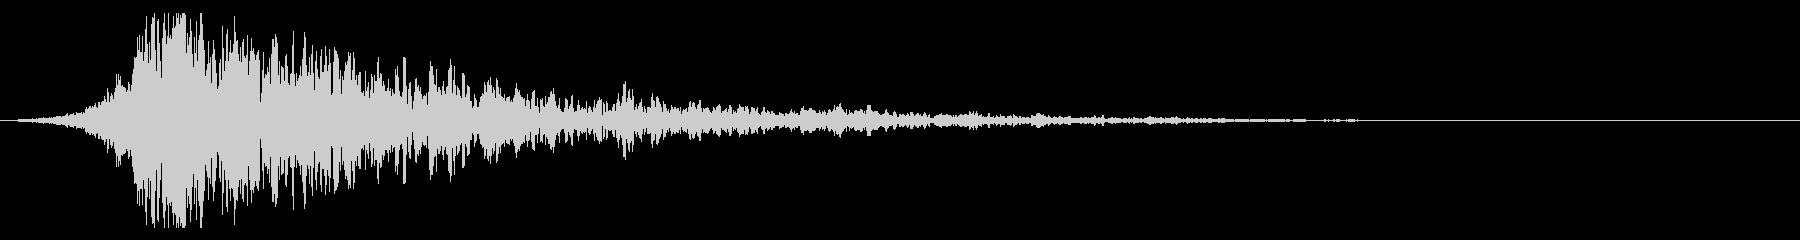 シュードーン-42-2(インパクト音)の未再生の波形